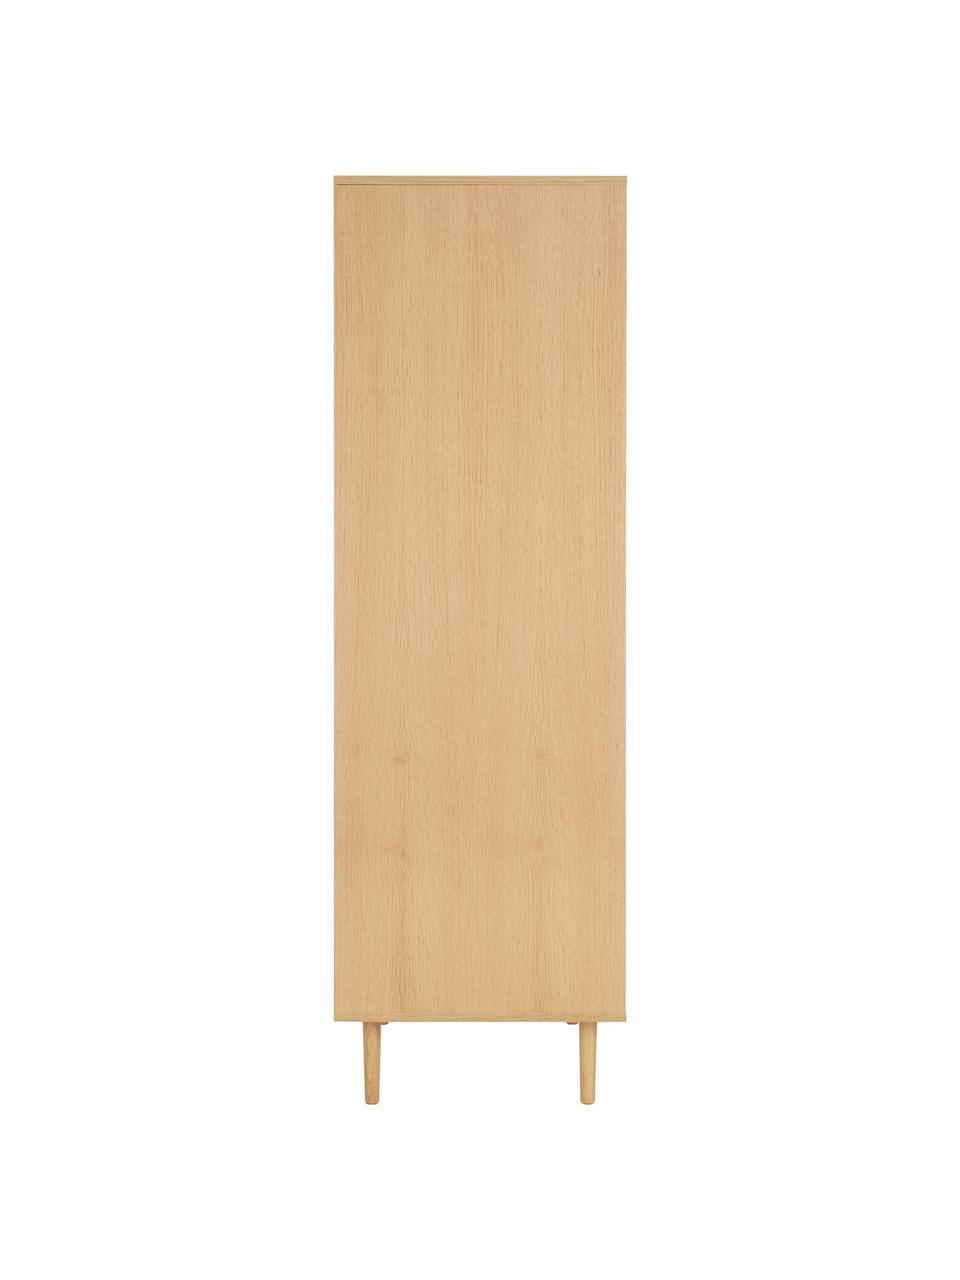 Kledingkast Aries met eikenhoutfineer, Frame: spaanplaat met eikenhoutf, Poten: massief eikenhout, Licht hout, 100 x 194 cm